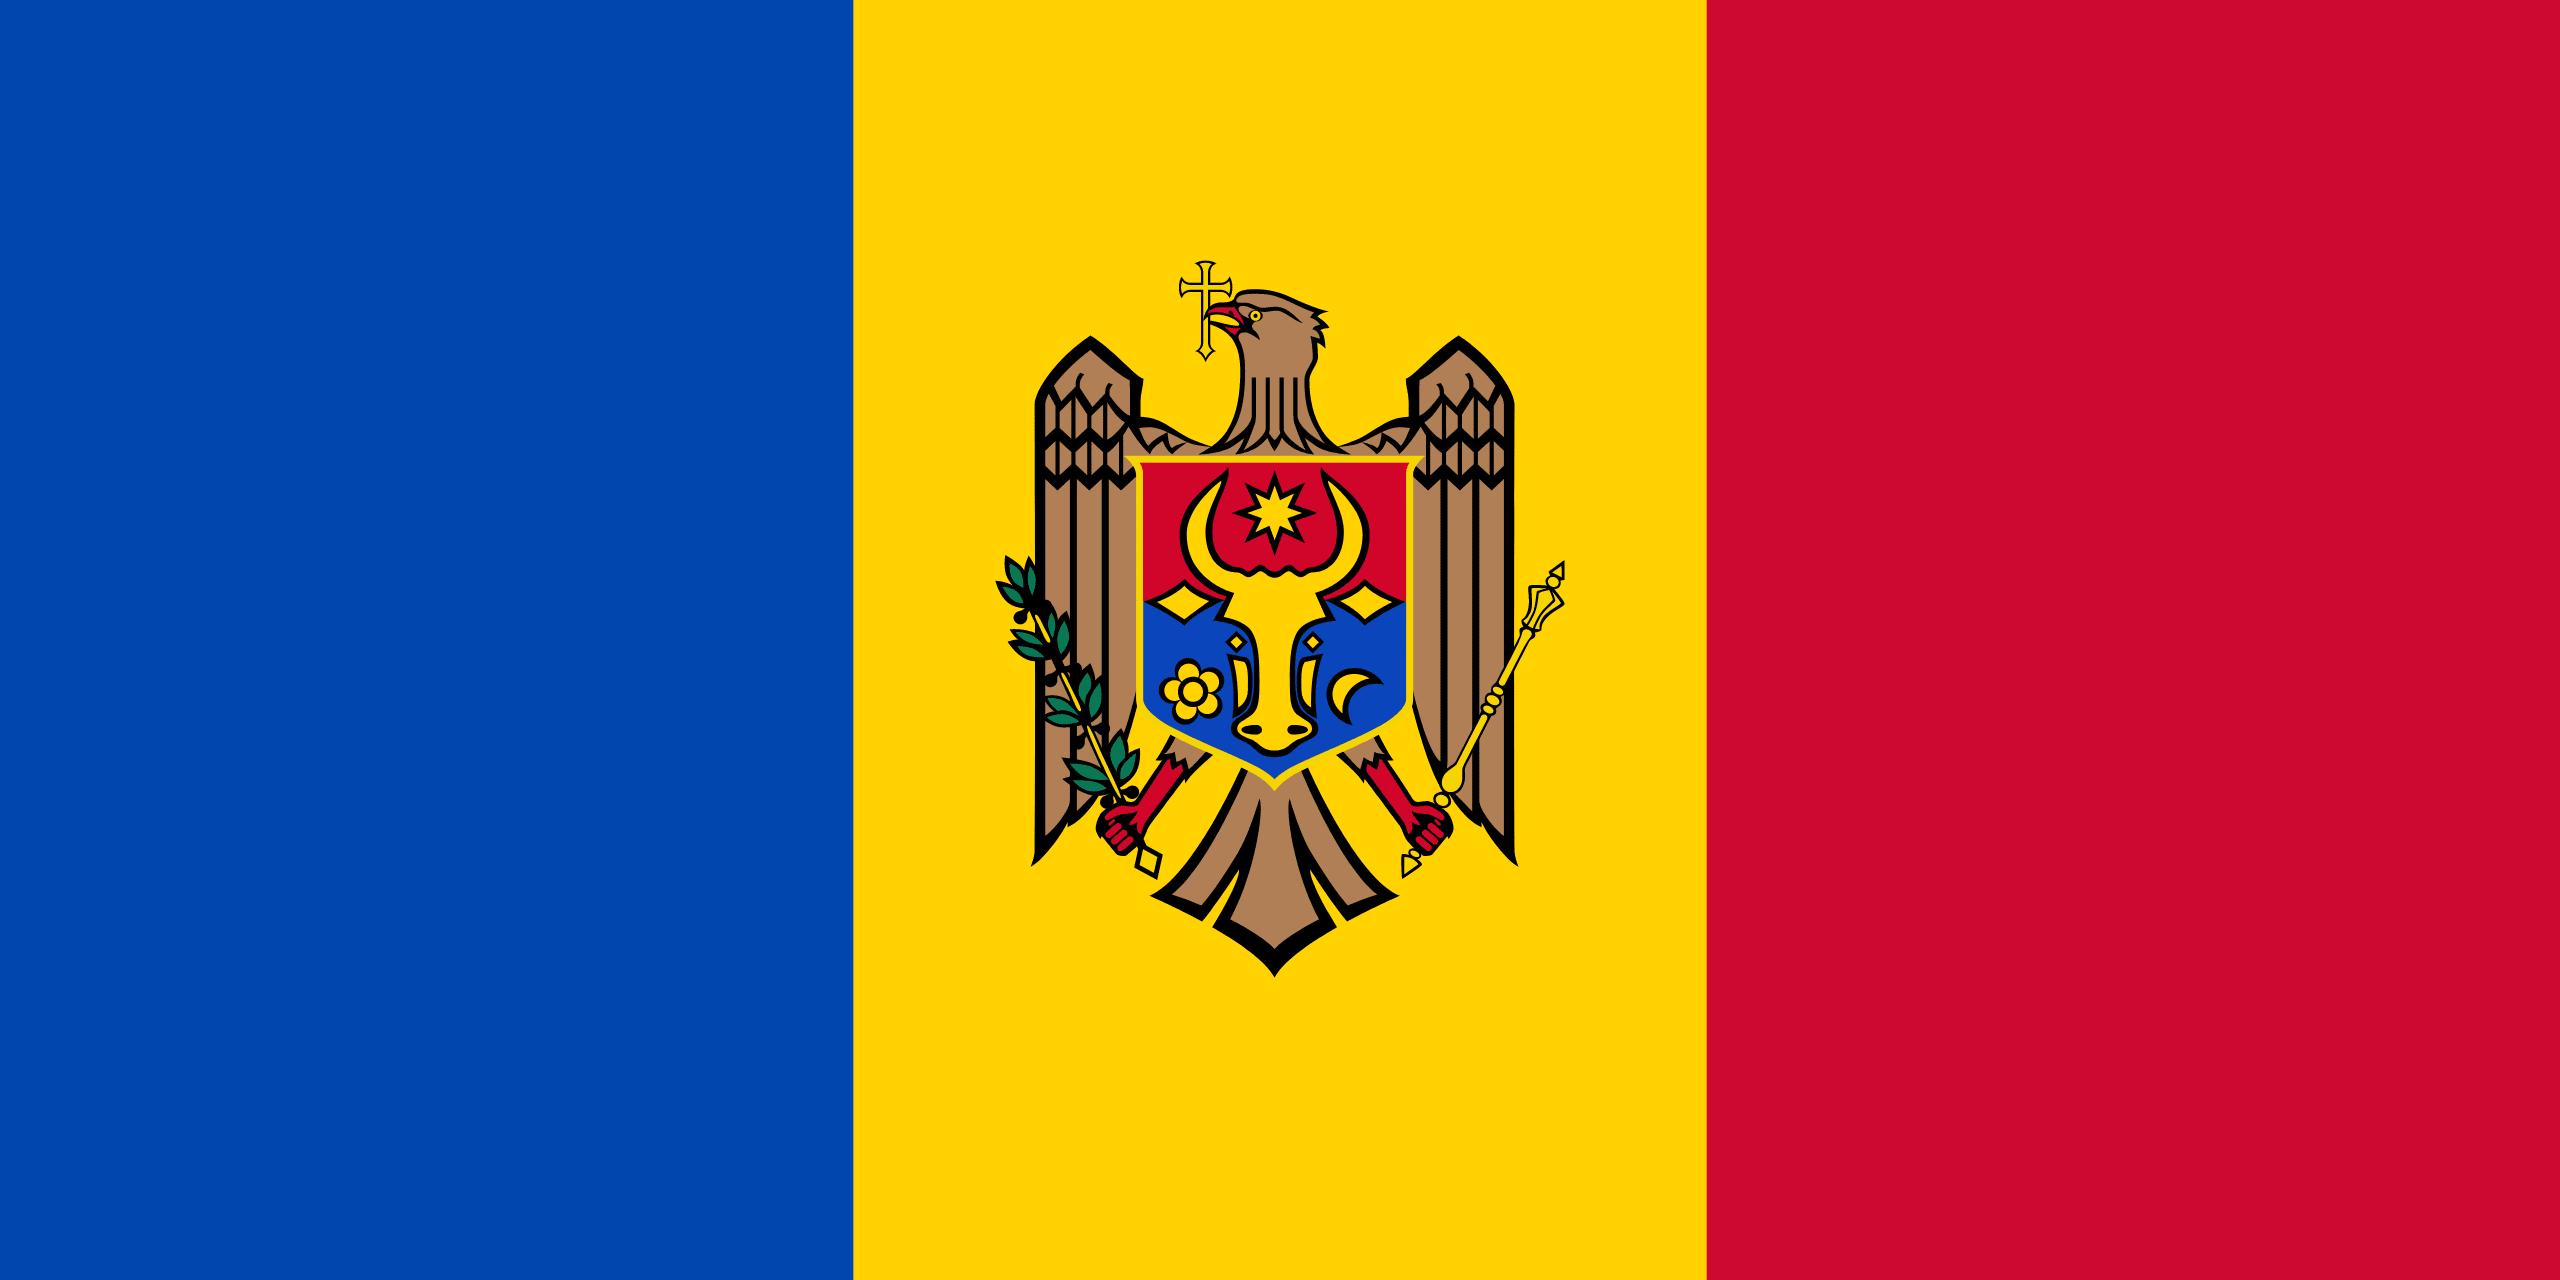 Moldova'nın Başkenti ve Para Birimi Nedir? Moldova'nın Bayrağı Nasıldır?